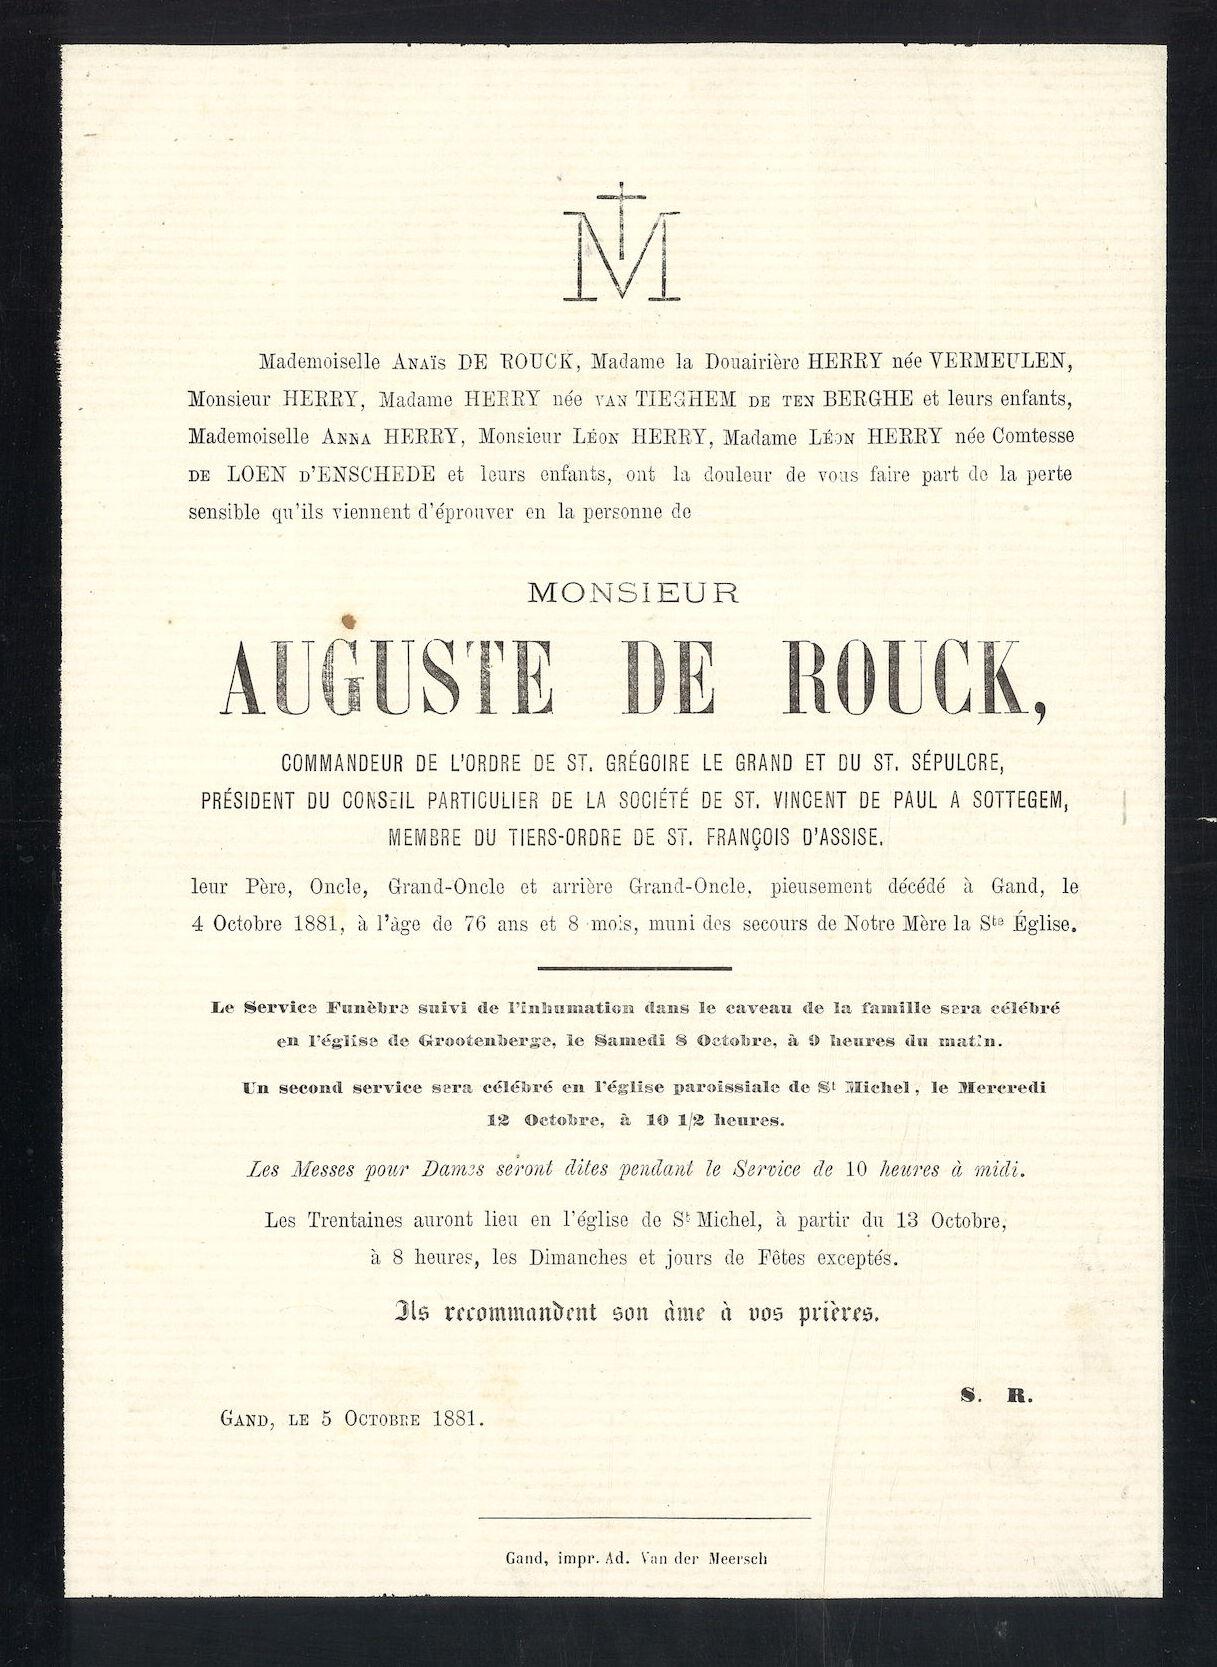 Auguste De Rouck